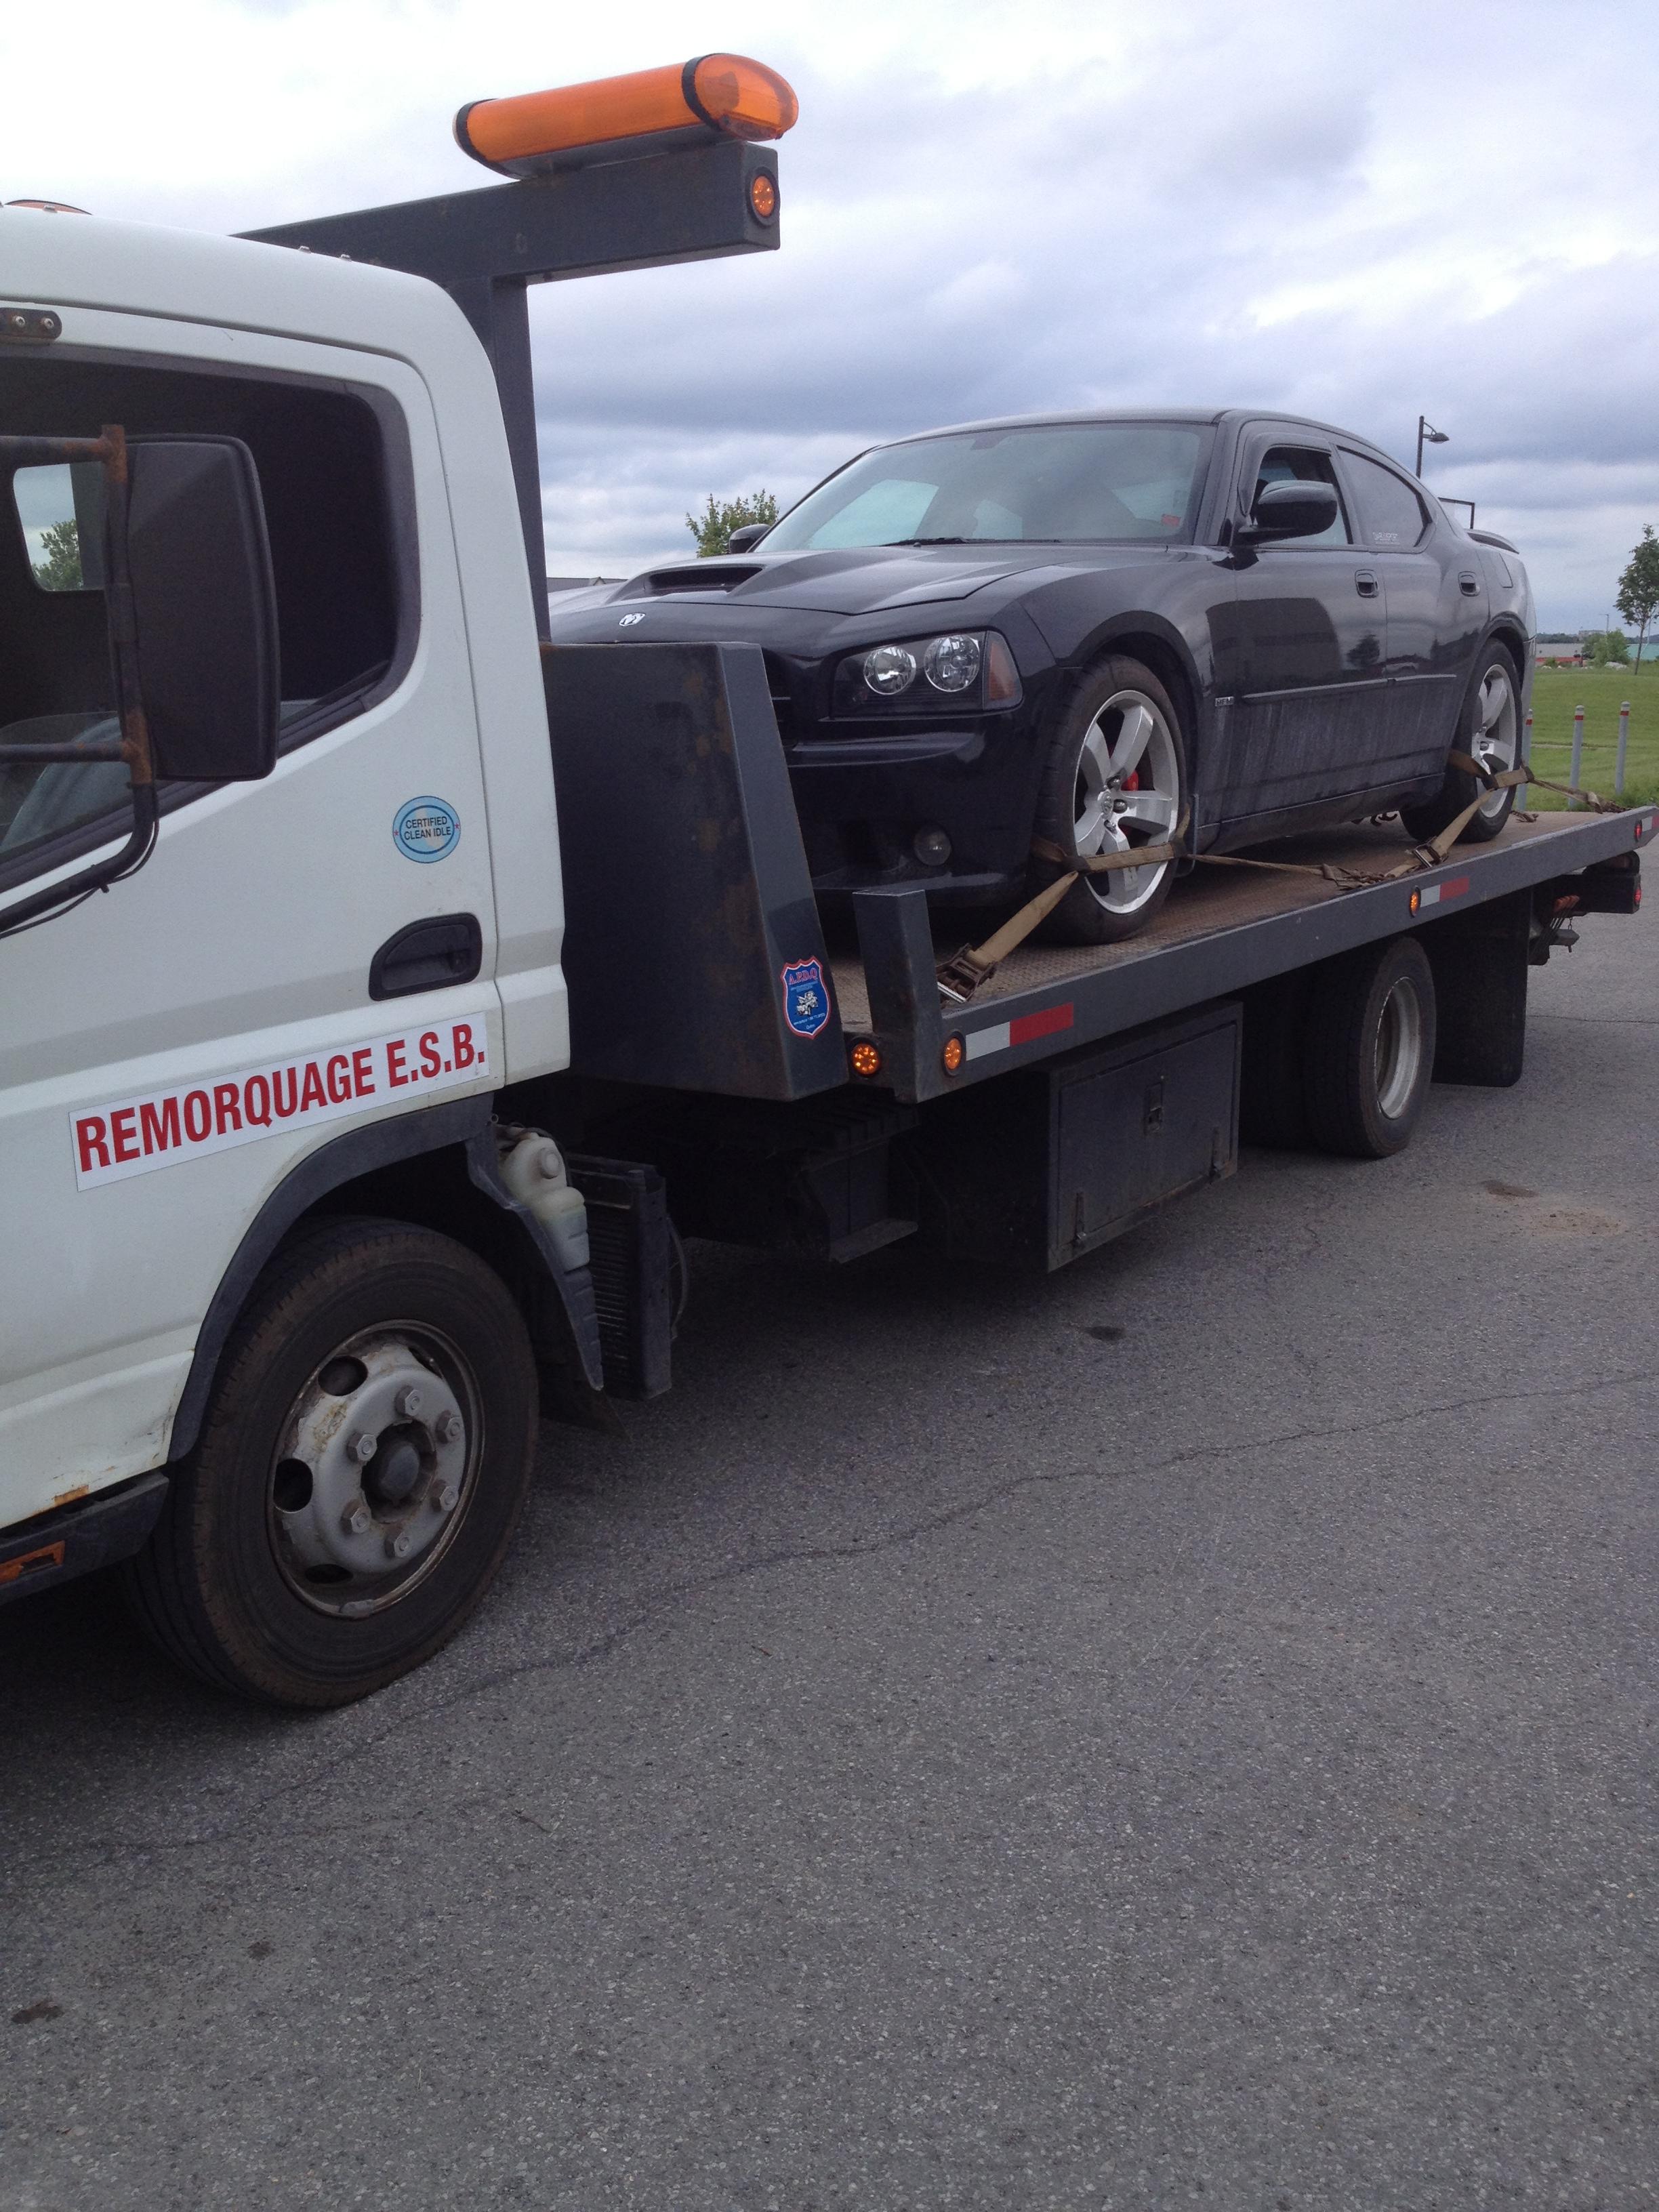 Remorquage ESB - Remorquage de véhicules - 450-438-8946